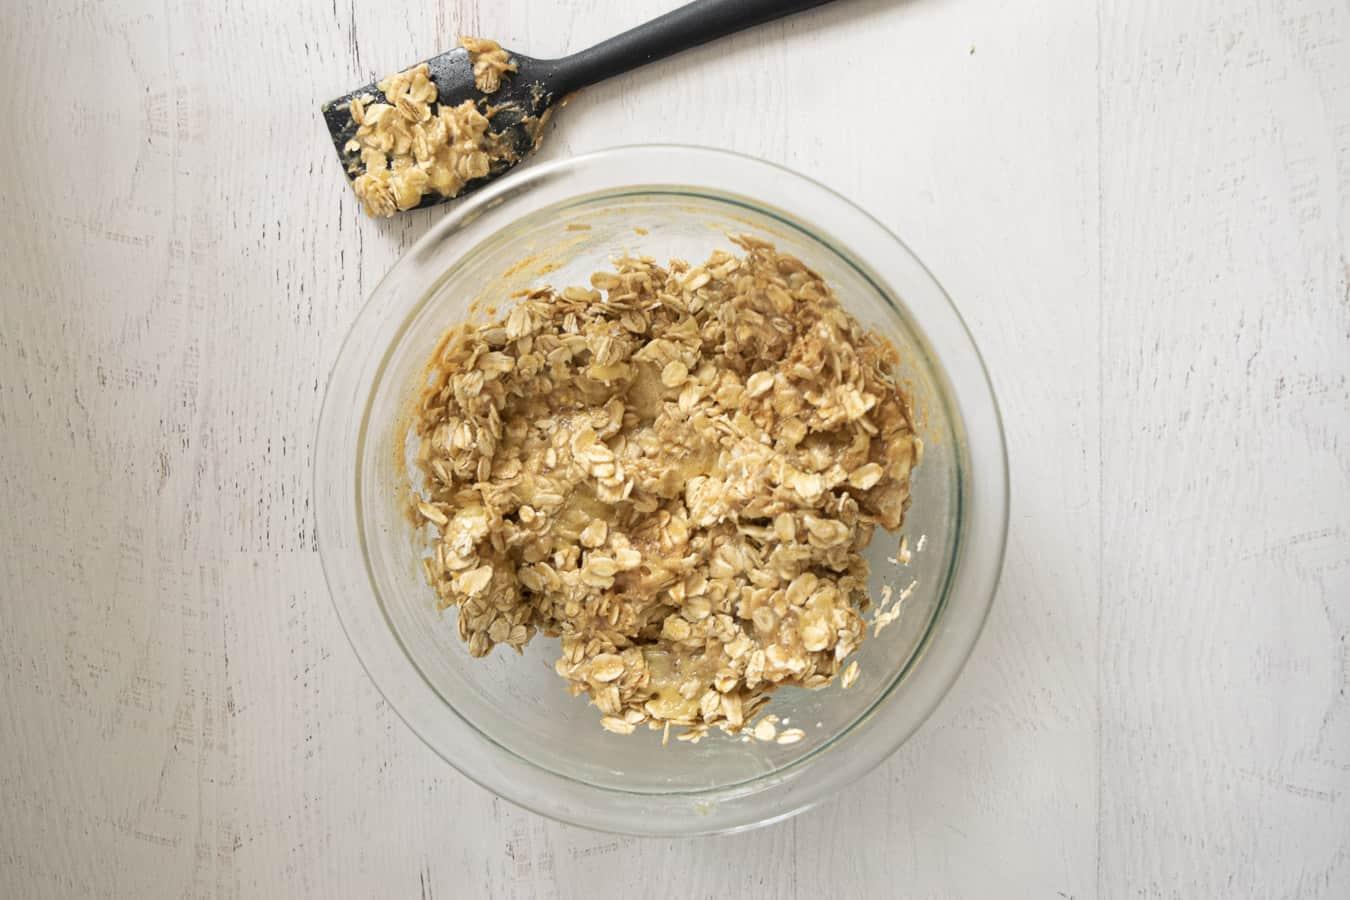 Bowl with ingredients for 3 ingredient vegan cookies